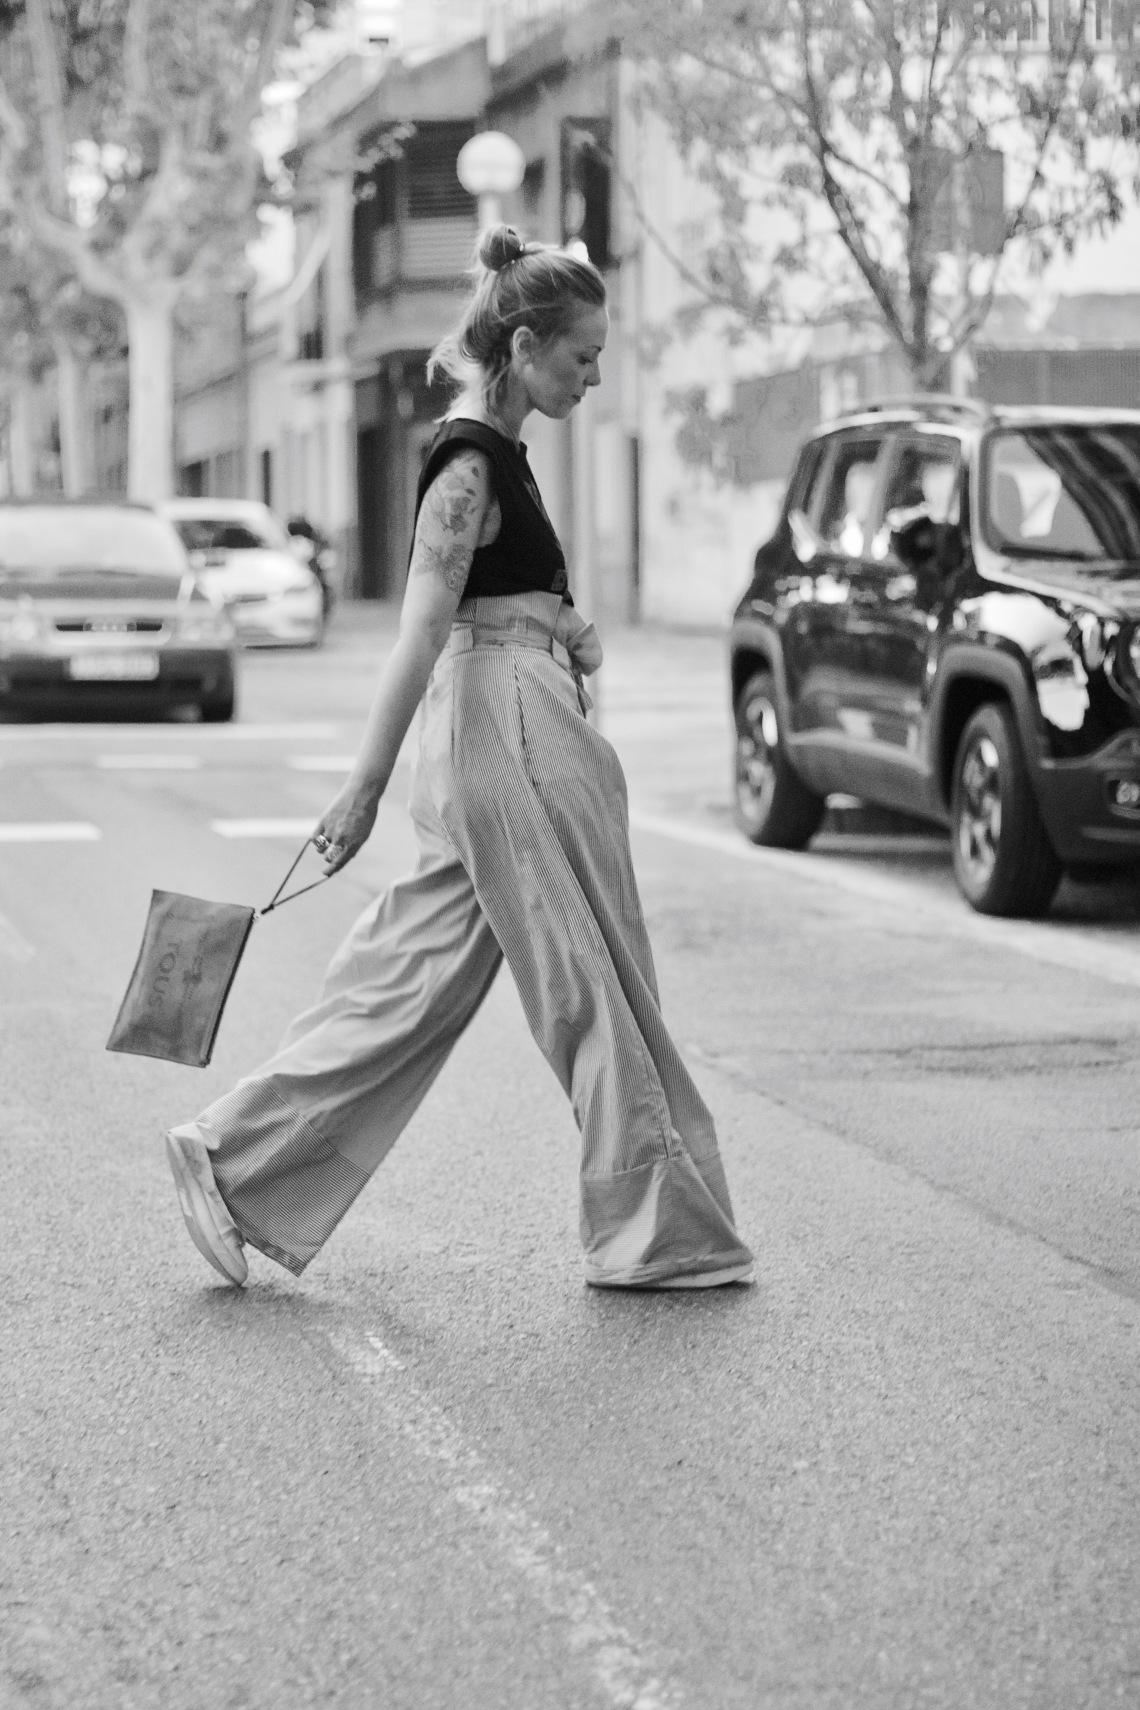 foto vogue pantalon ancho streetstyle